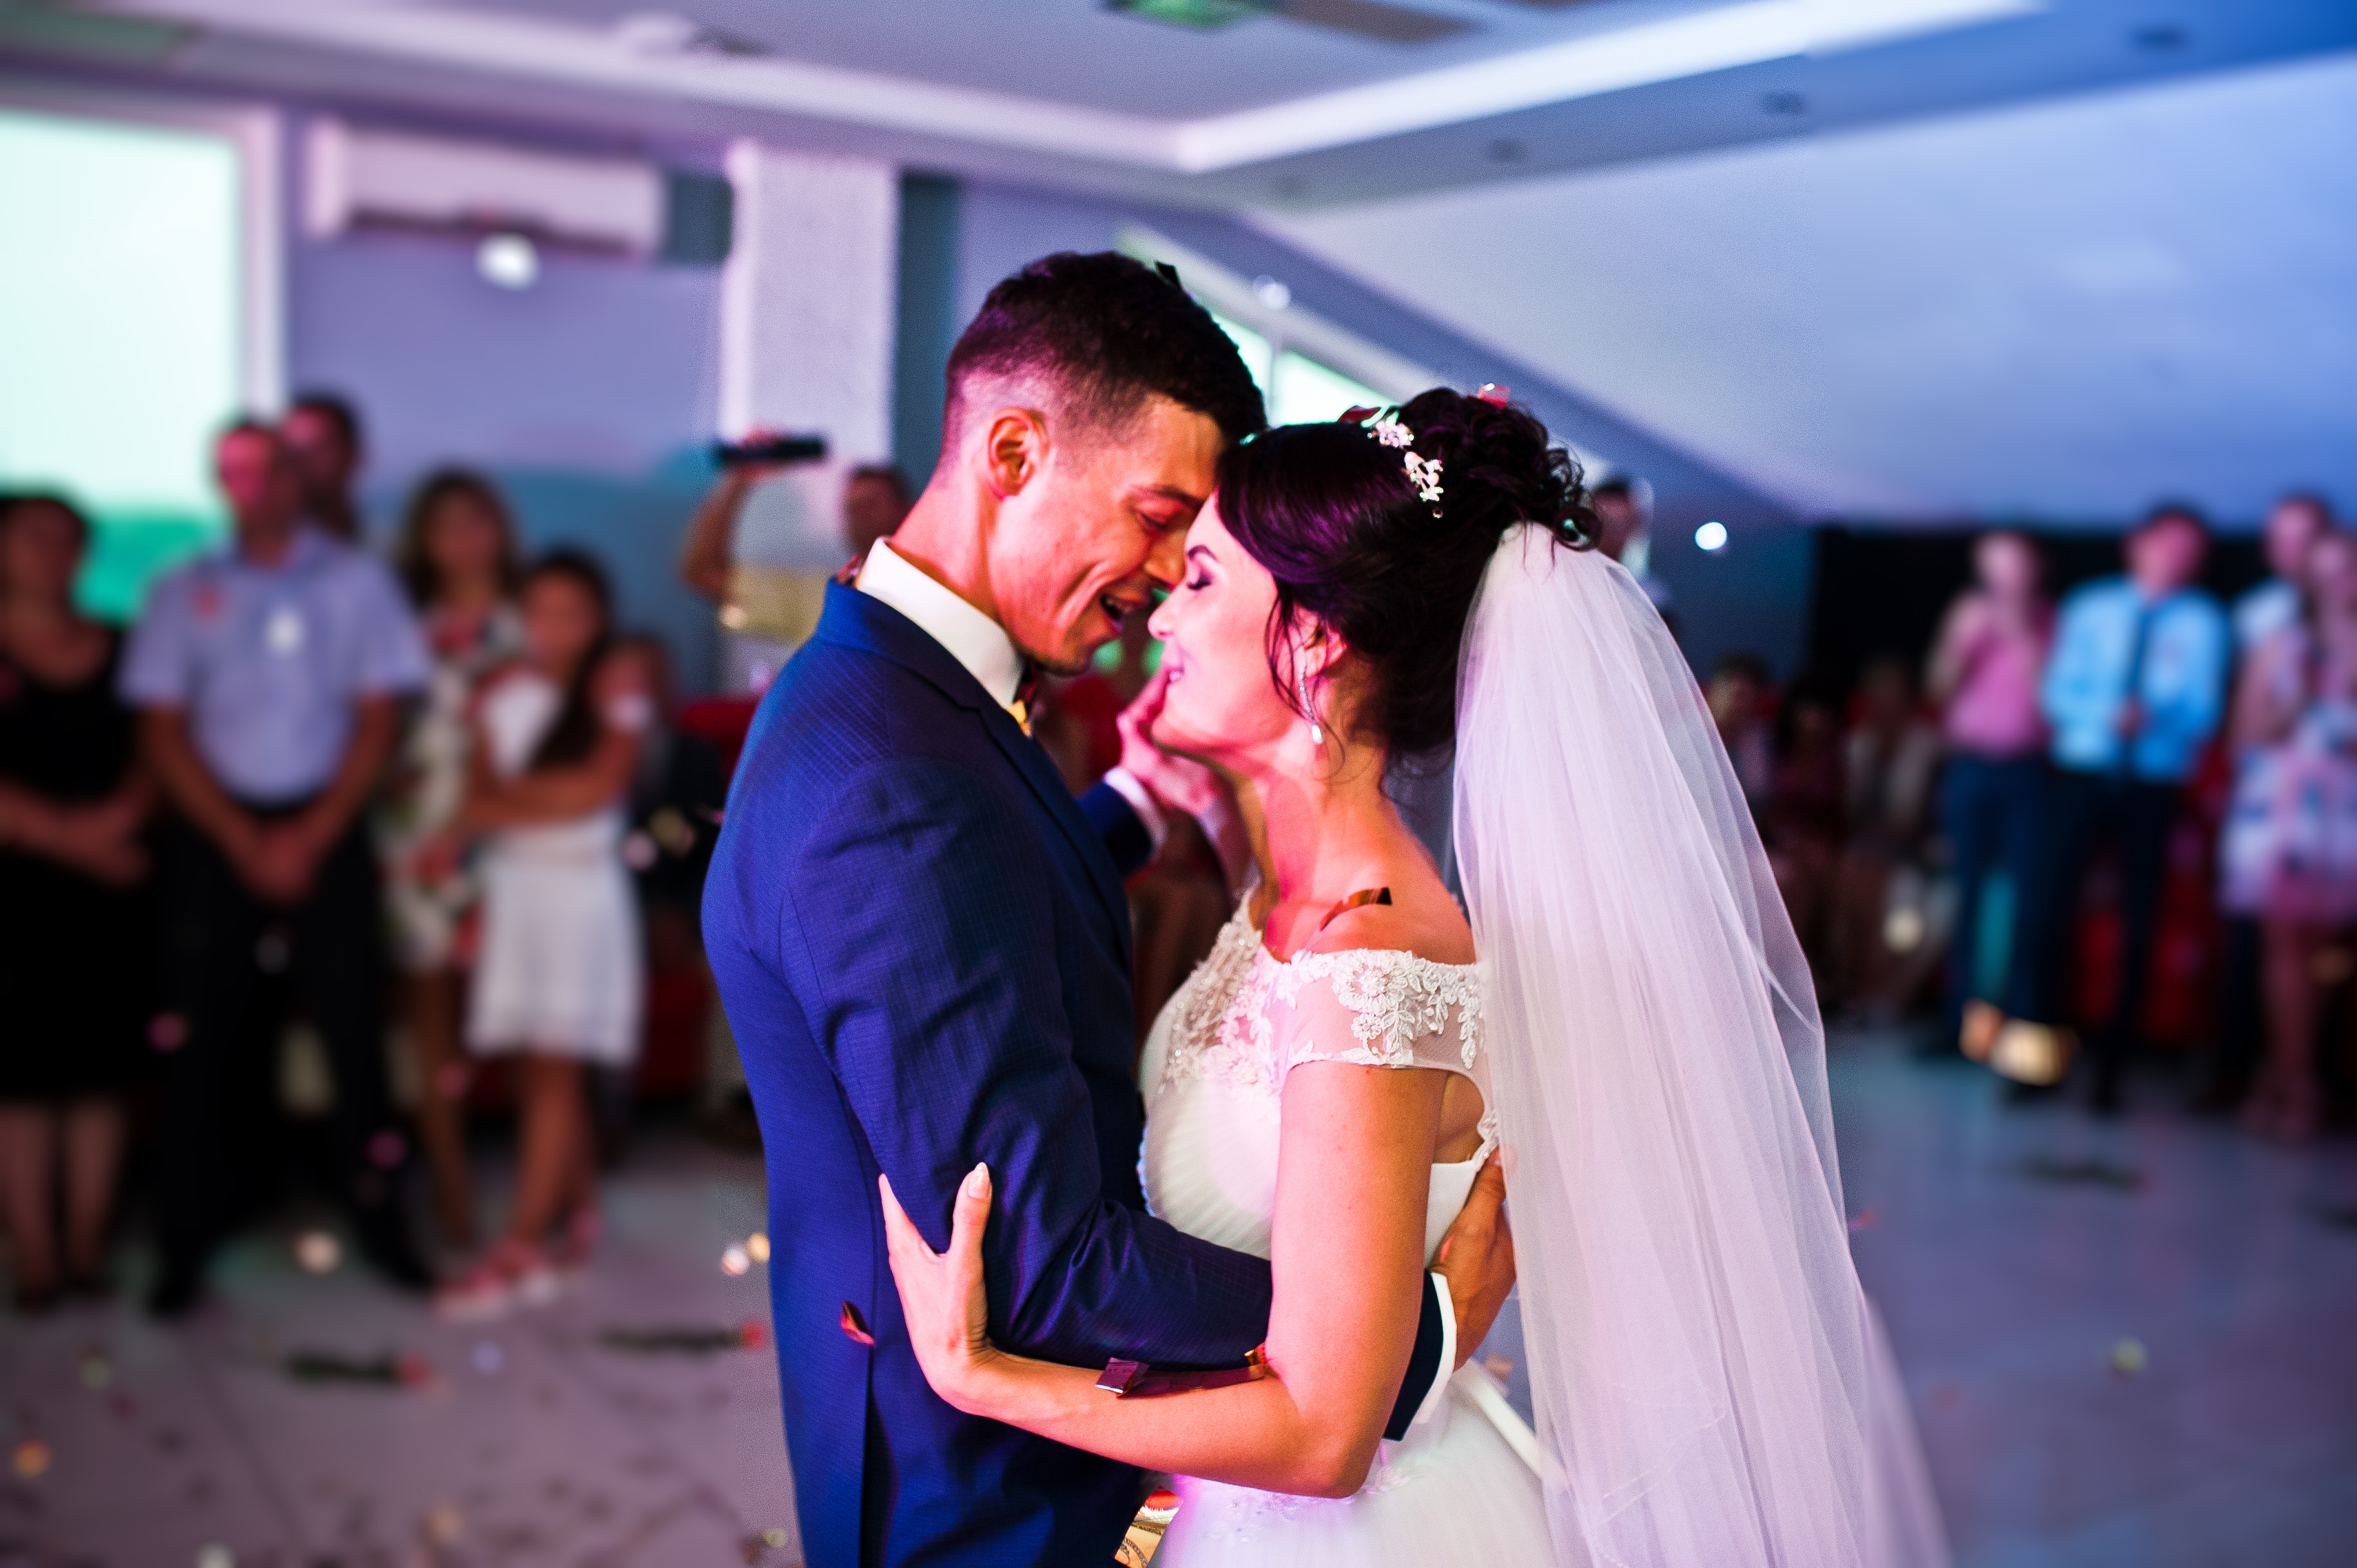 Fara stres si griji in ziua cea mare! Reteta perfecta pentru o nunta desprinsa din basme